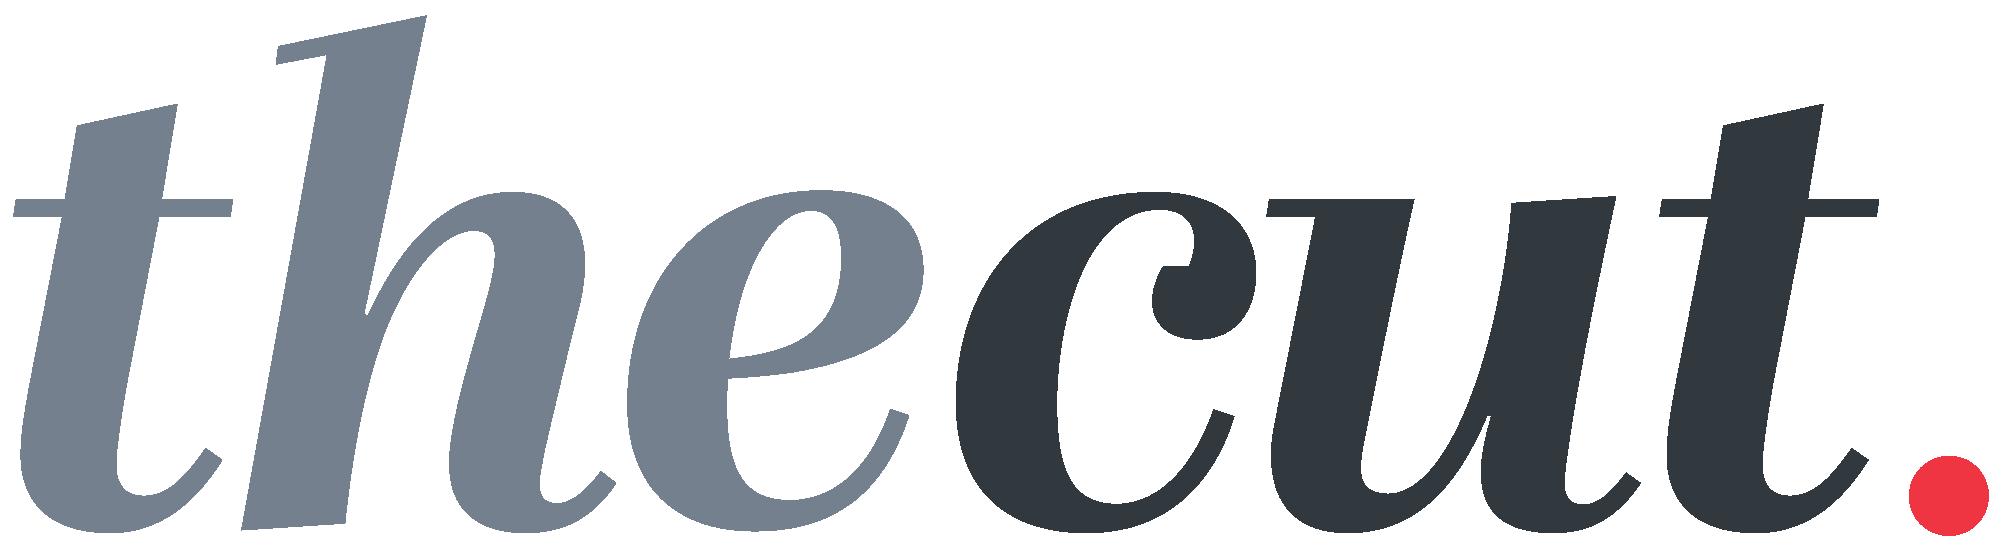 thecut-logo-2021-RGB